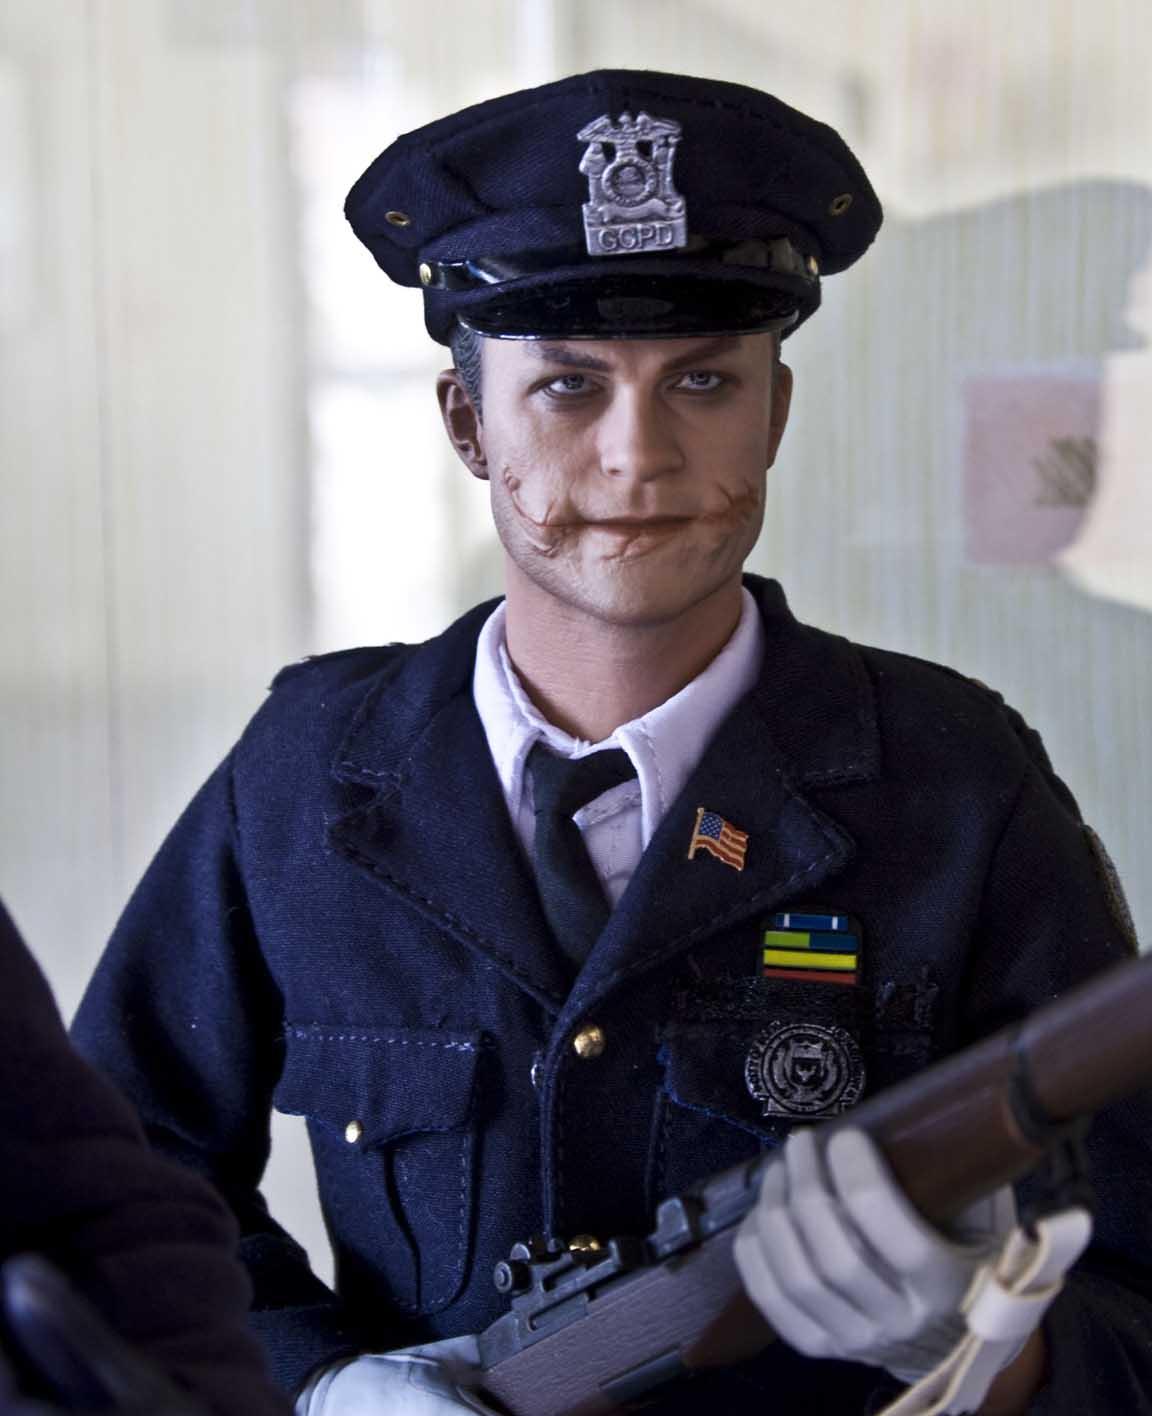 Hot Toys Joker Cop 8